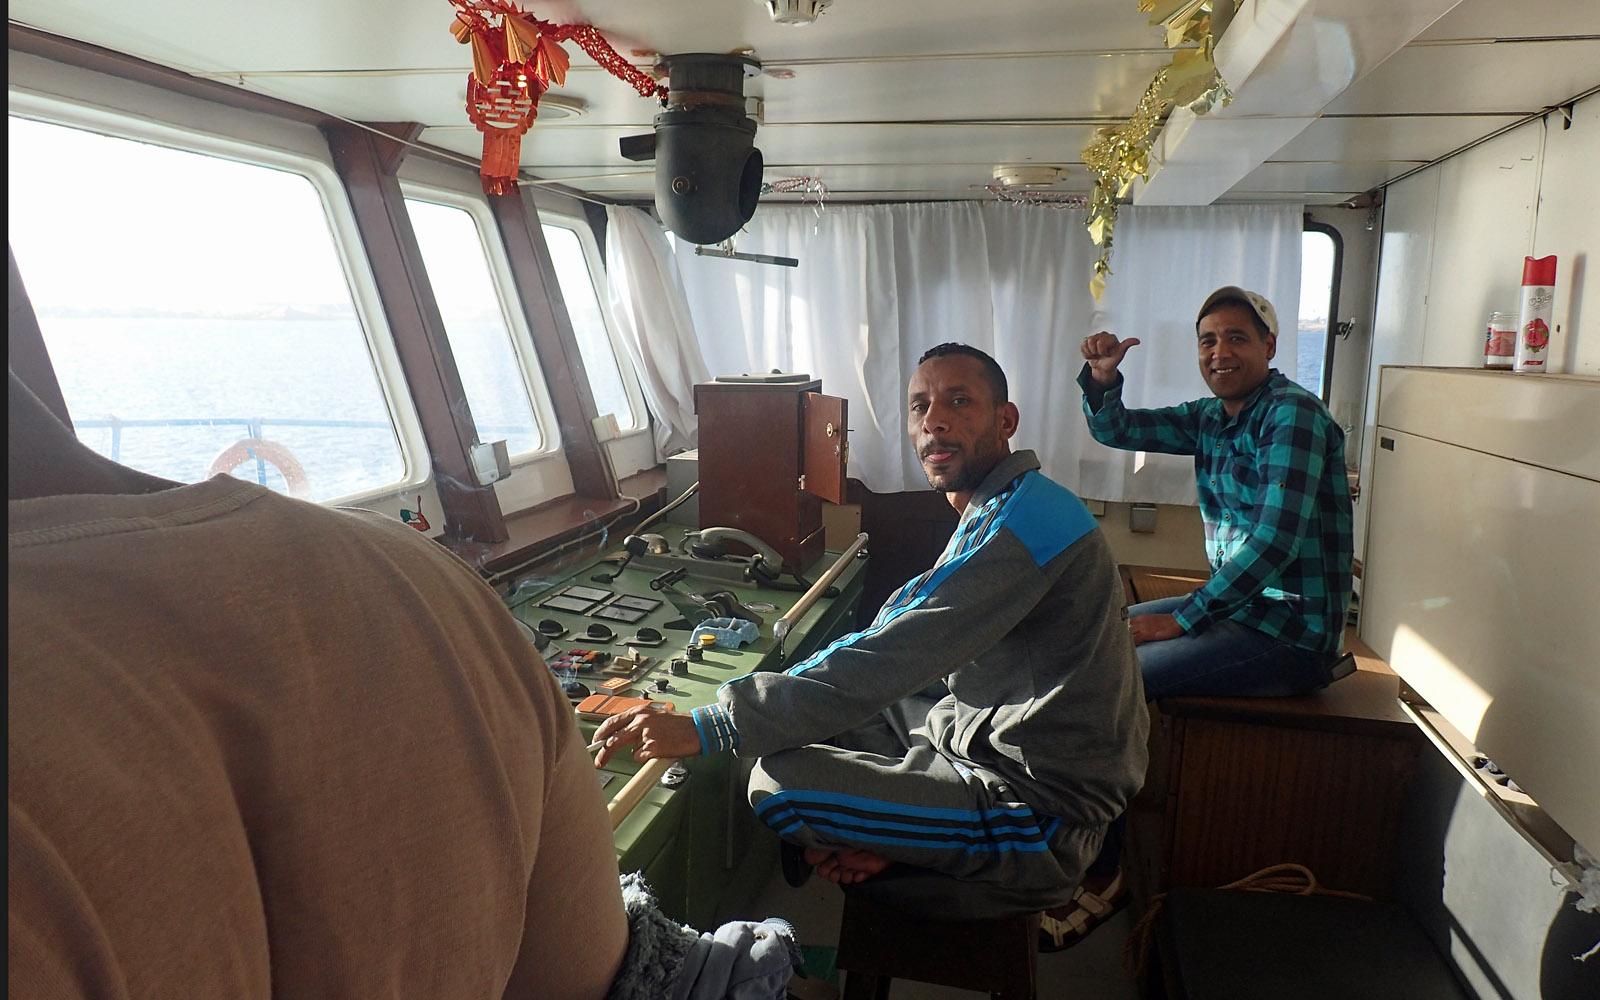 Sinai Crew